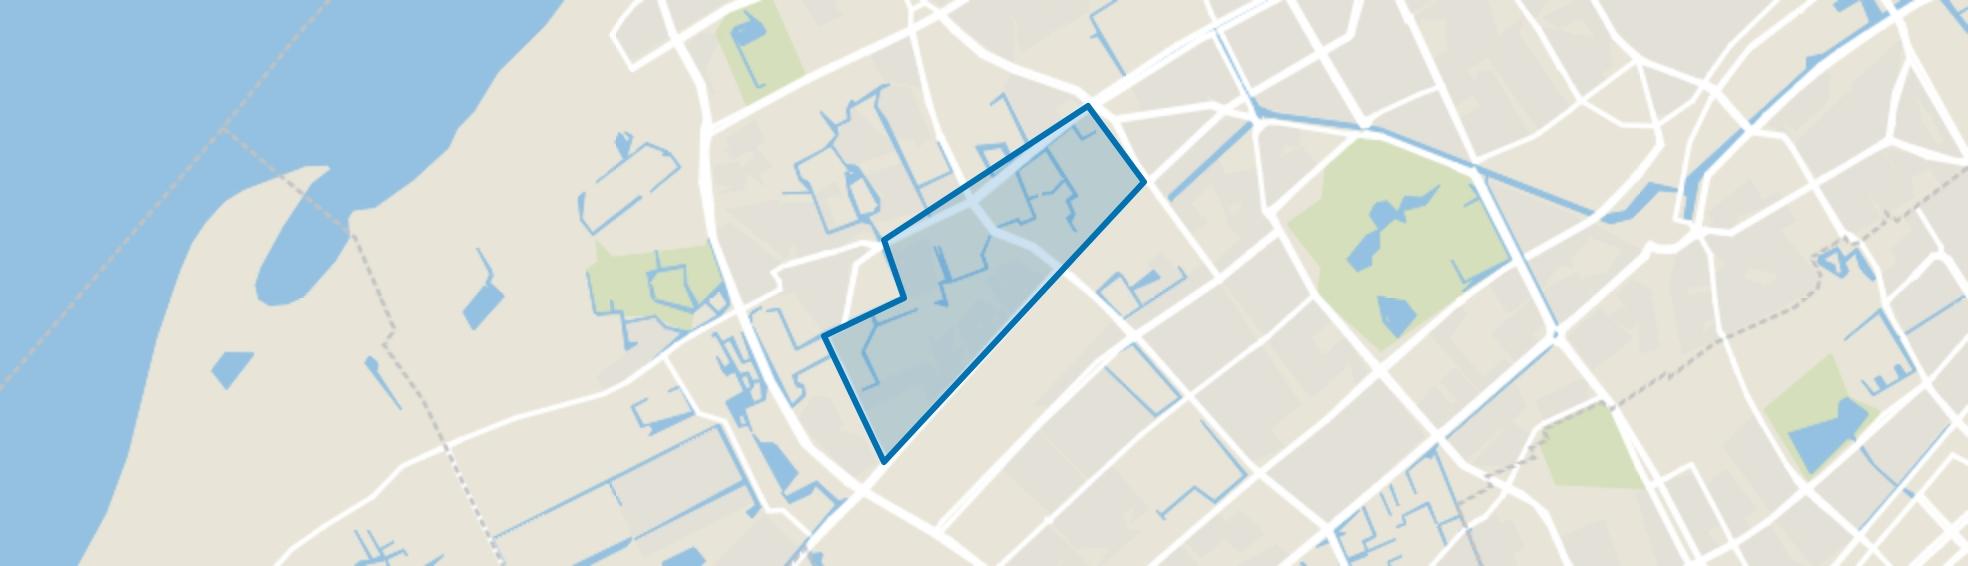 Houtwijk, Den Haag map